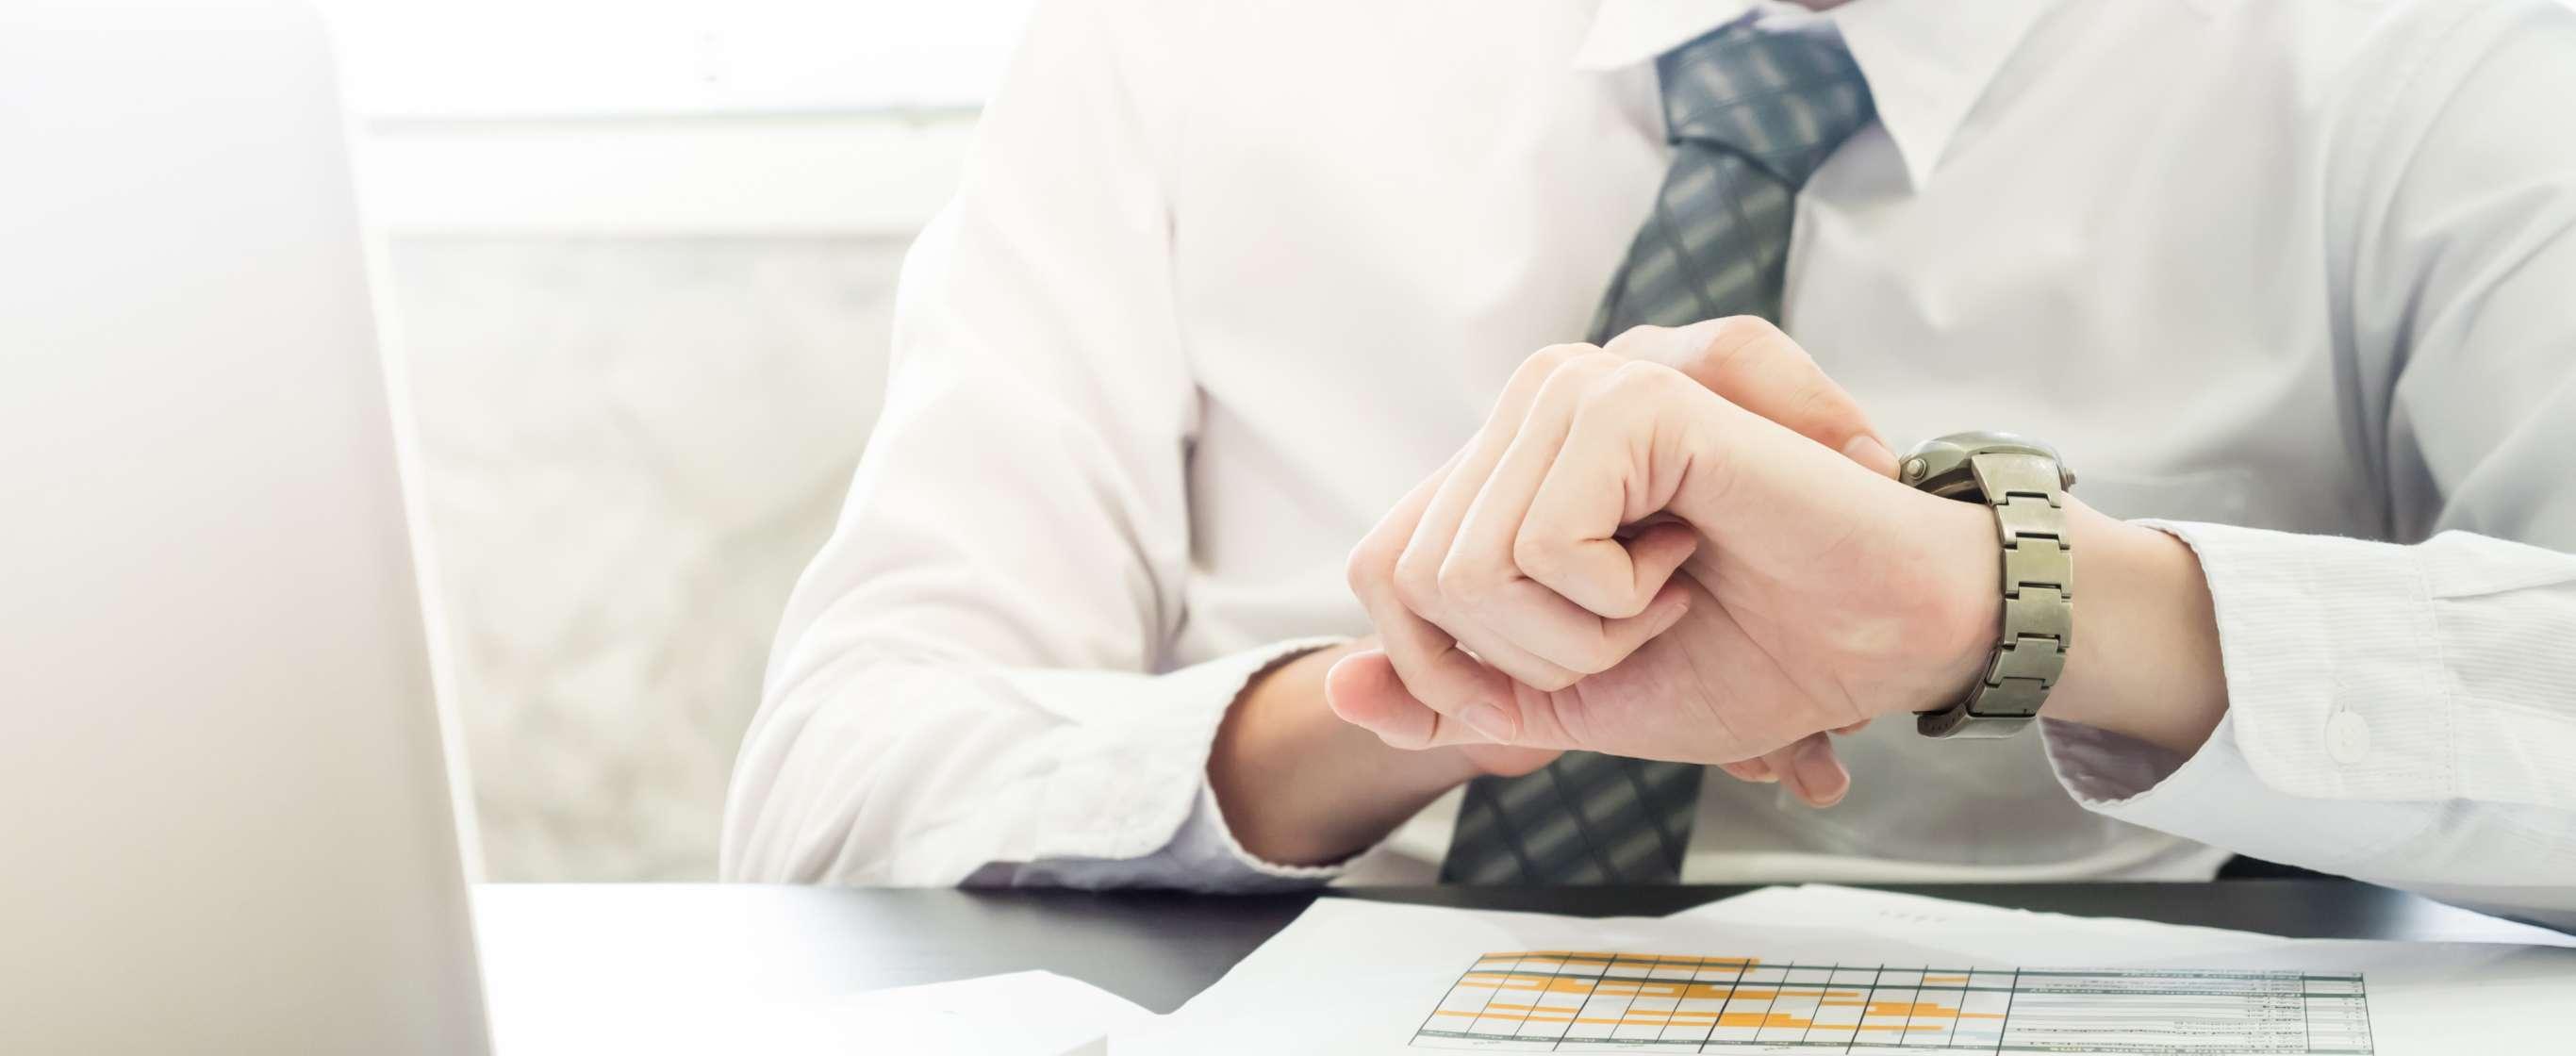 Mẹo quản lý thời gian để làm việc tốt hơn, sống nhiều hơn | Prudential Việt  Nam